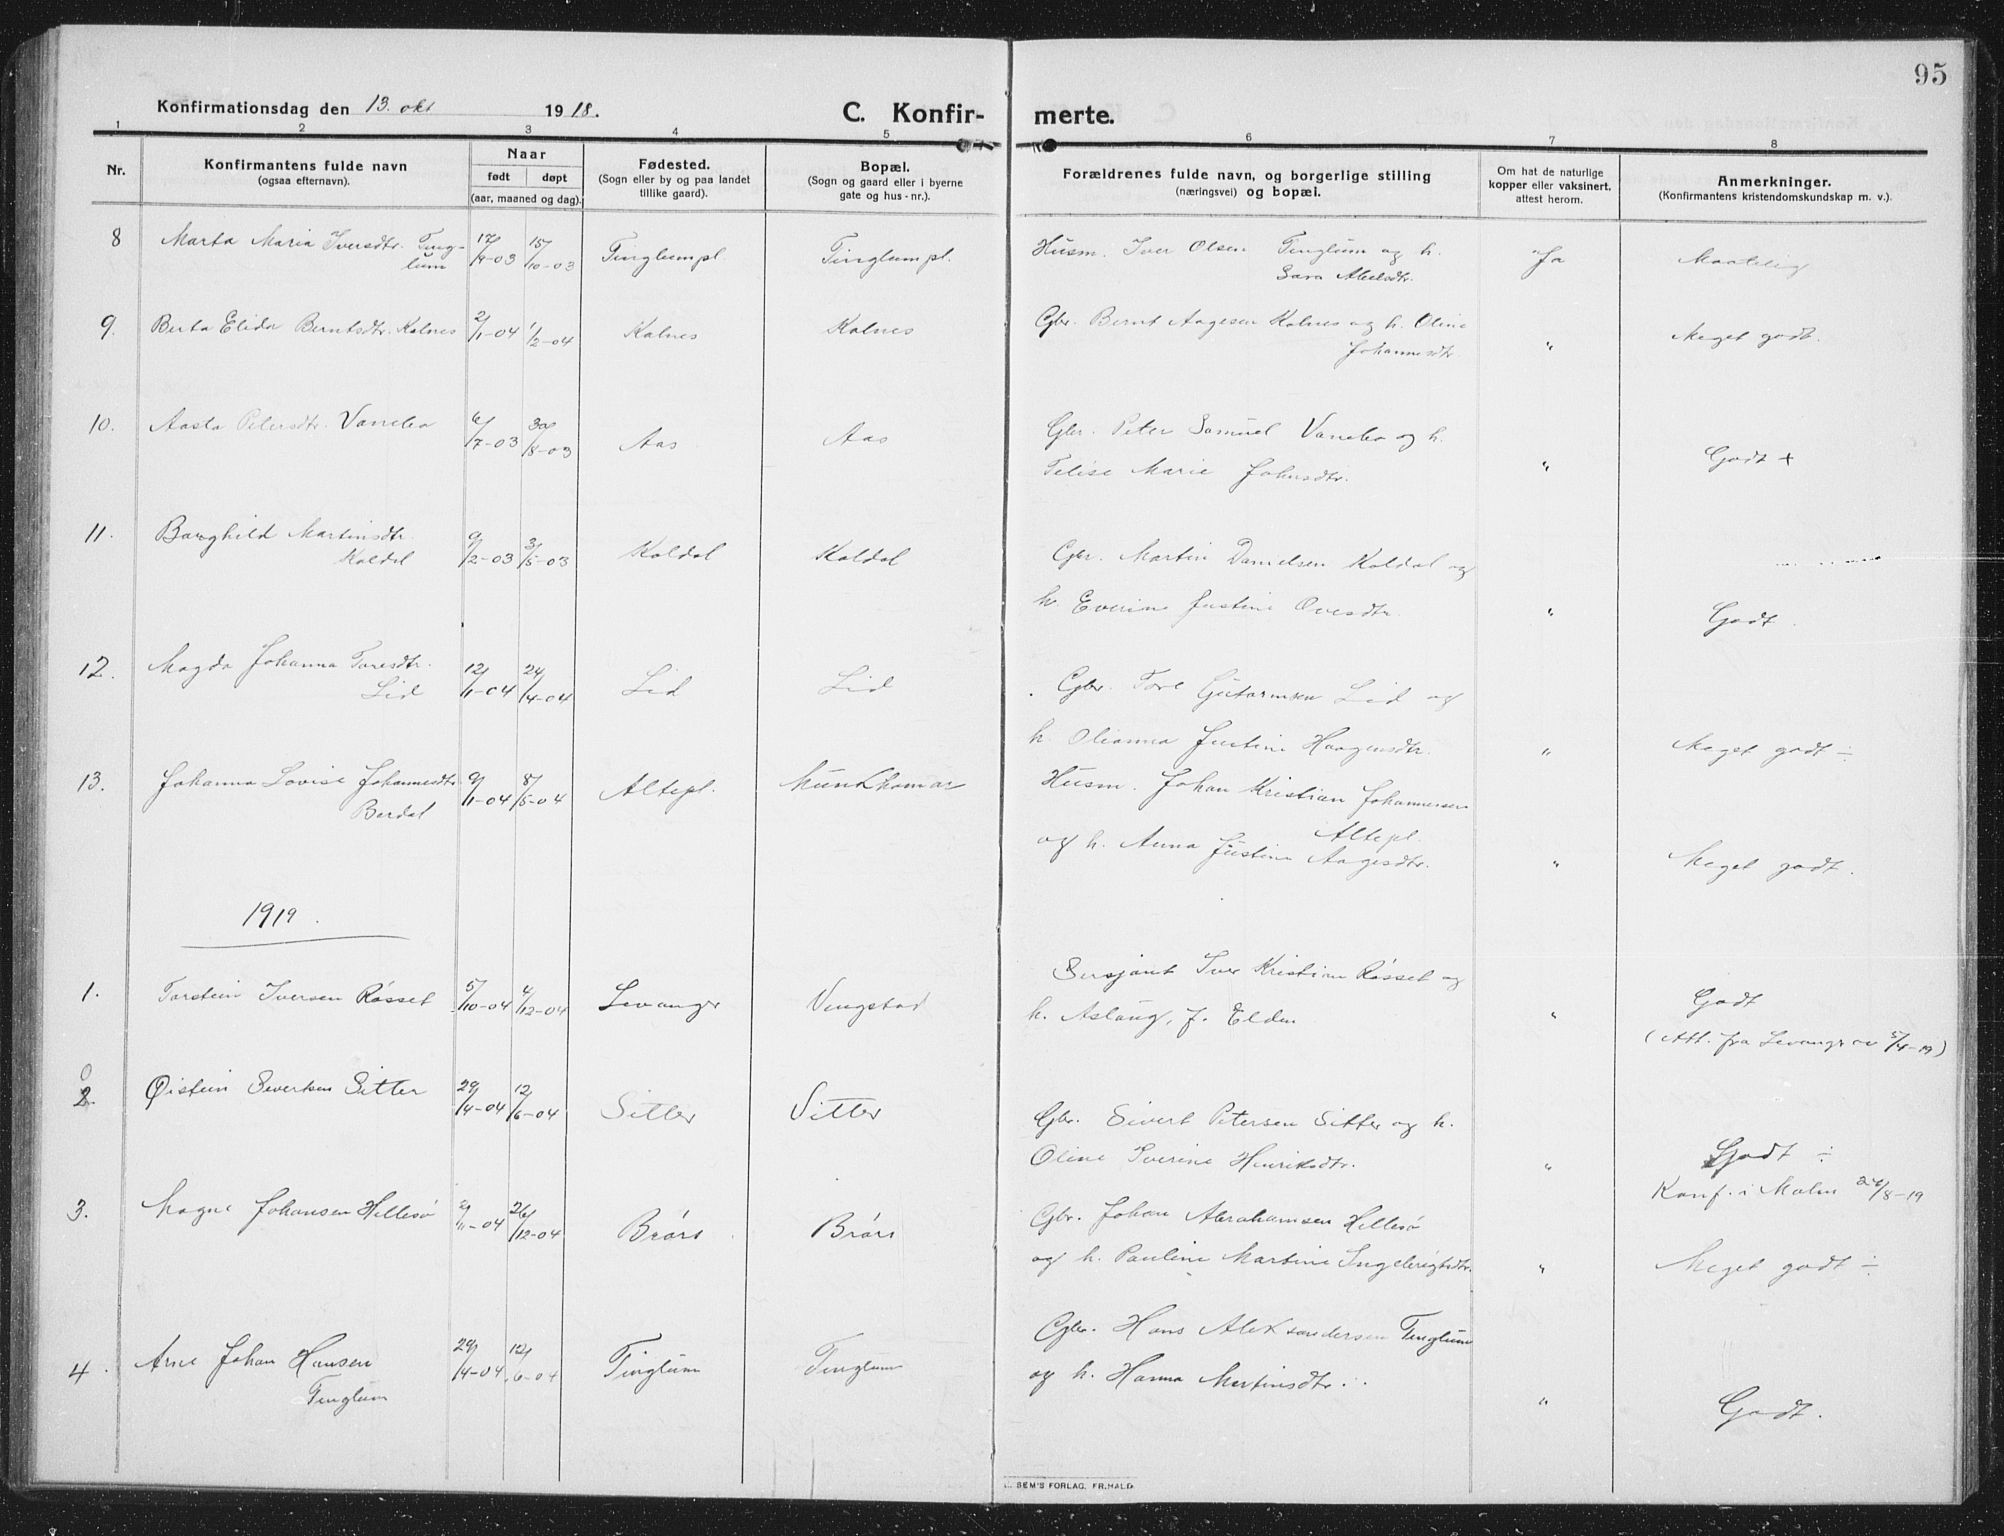 SAT, Ministerialprotokoller, klokkerbøker og fødselsregistre - Nord-Trøndelag, 742/L0413: Klokkerbok nr. 742C04, 1911-1938, s. 95